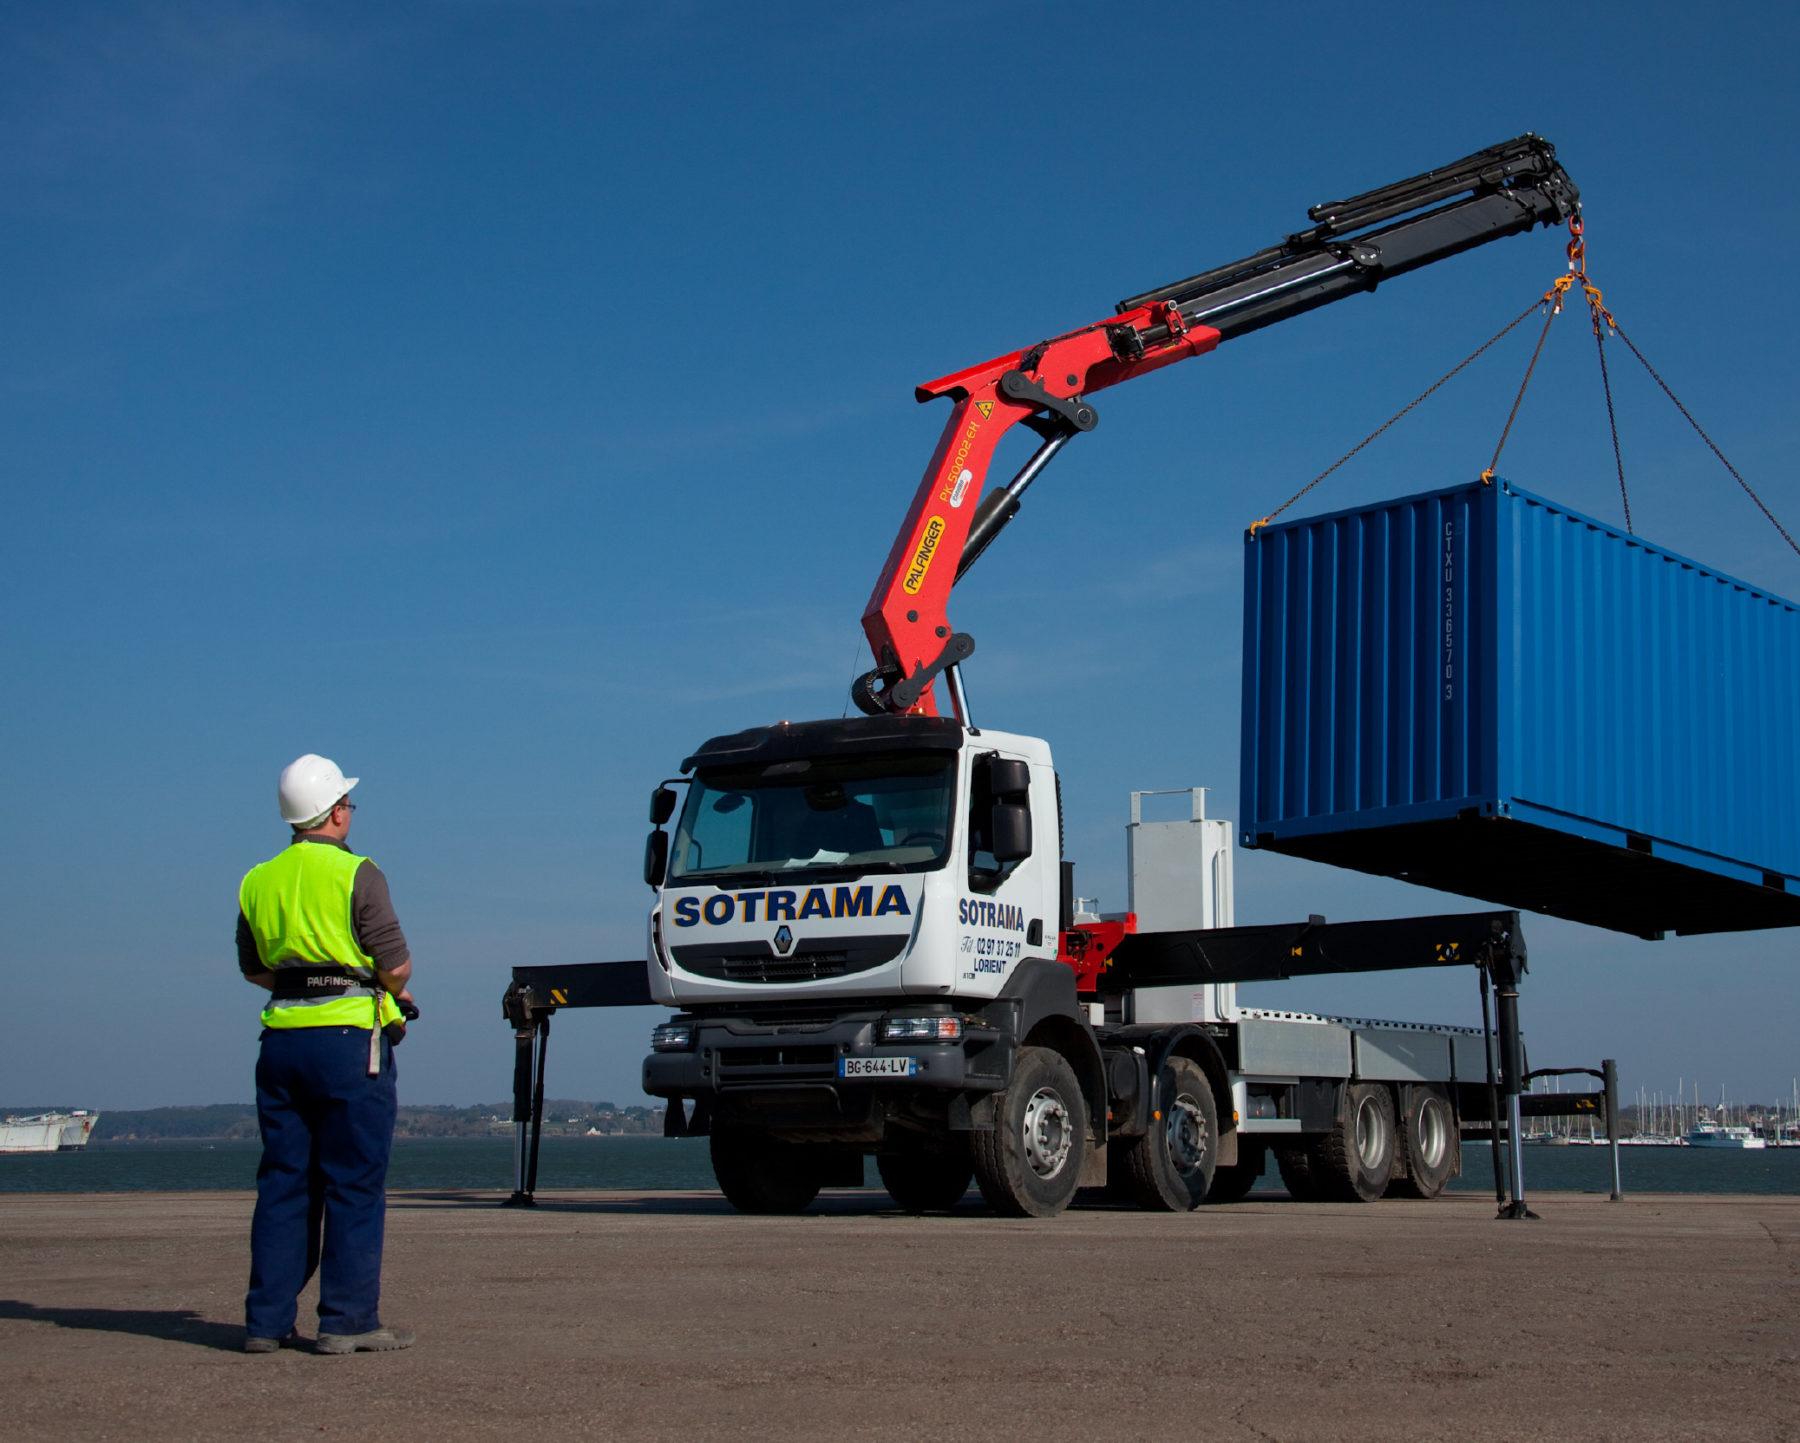 Service de location avec chauffeur de camions, de bennes aluminium ou enrochements, de portes-engins ou de camions bras de levage en Bretagne. Transport de matériaux de carrière, d'enrobés, de DIB.